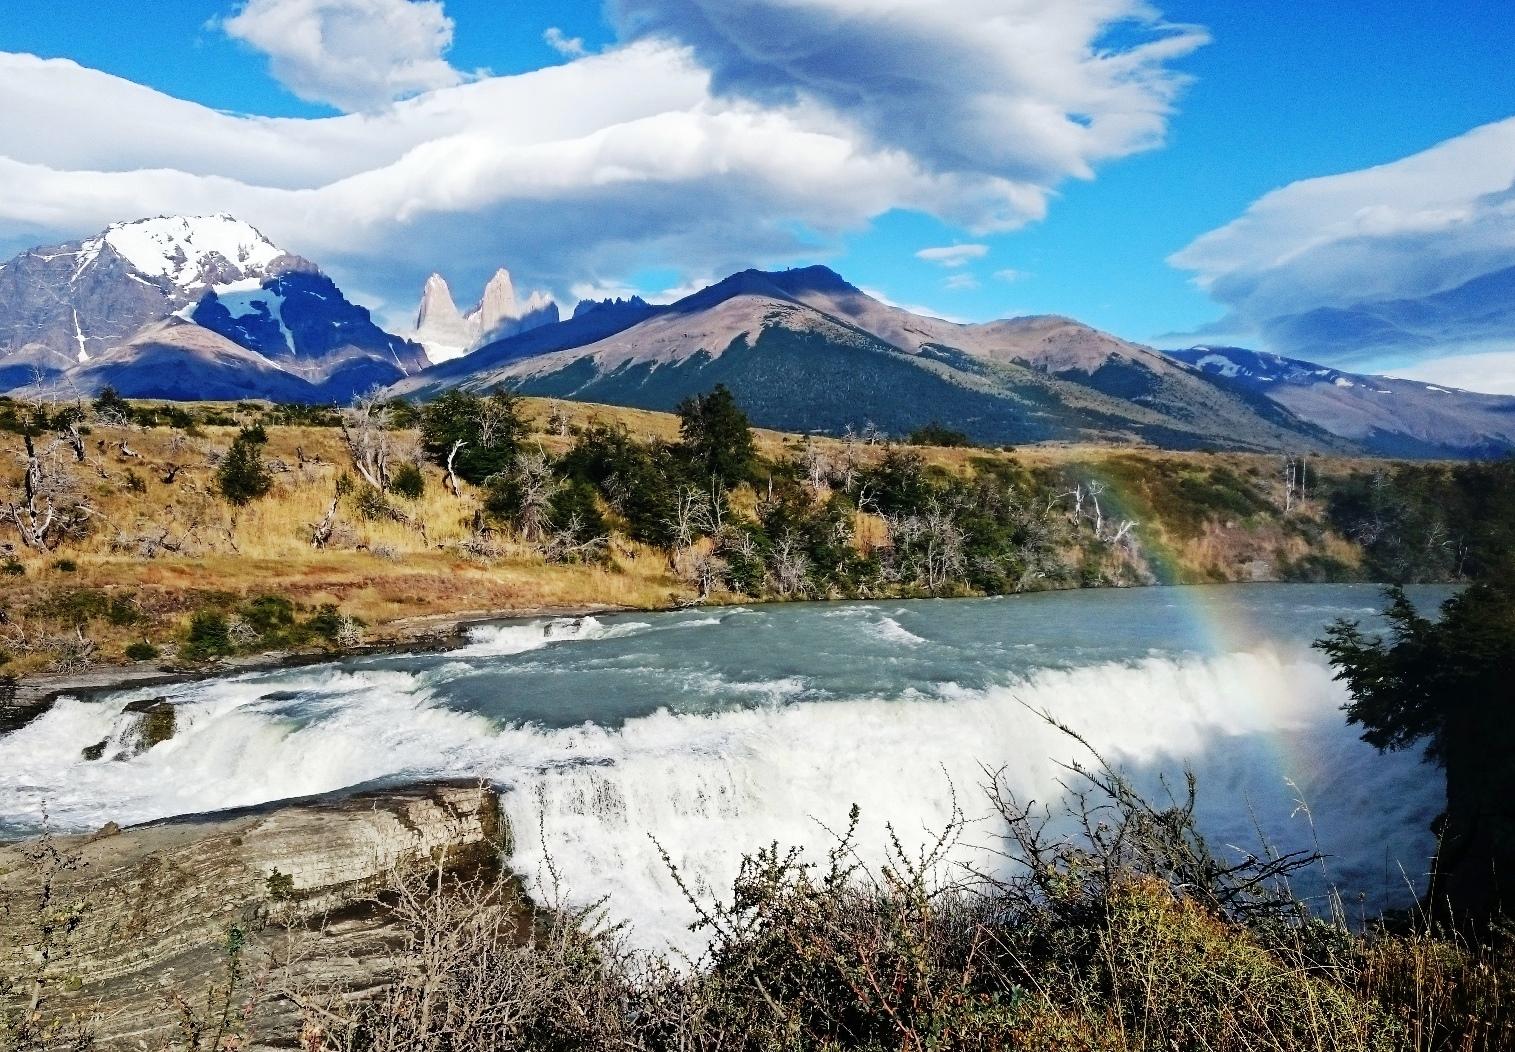 2月15日出発「パタゴニア縦断、3大国立公園満喫ハイキングと世界最南端の町ウシュアイア 16日間」